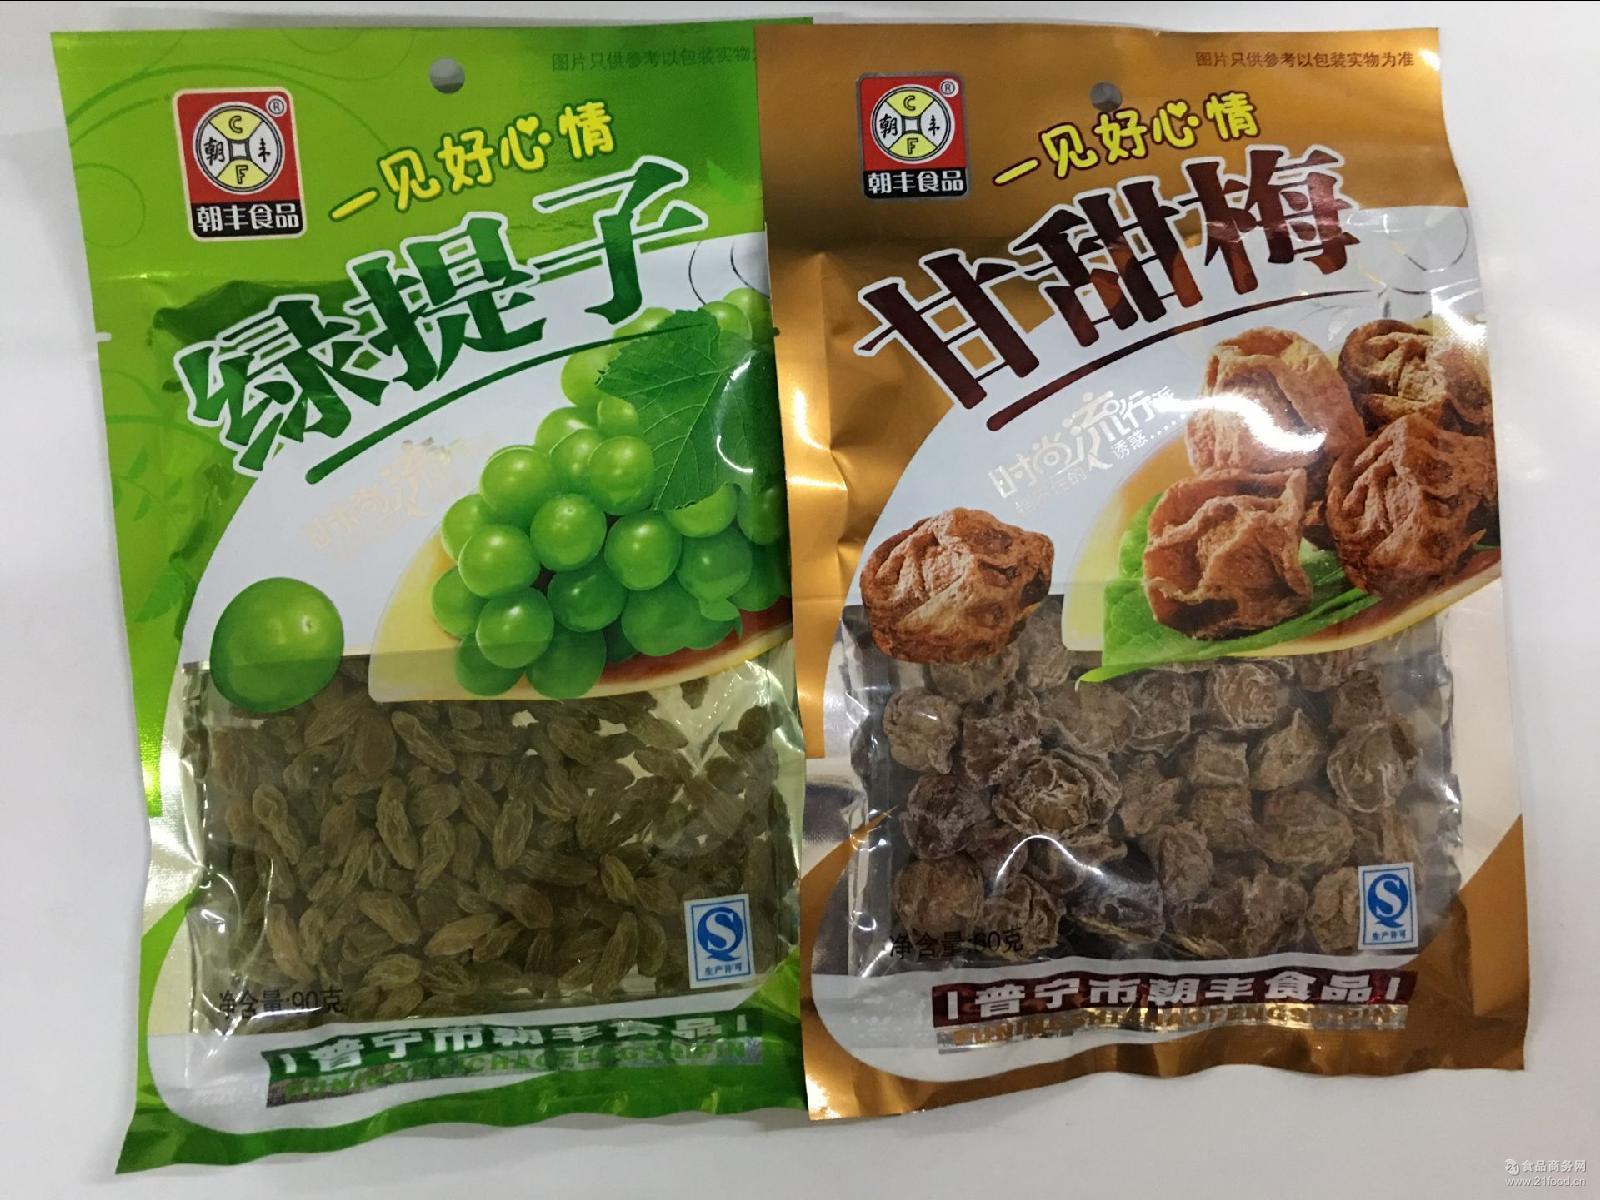 朝丰好心情60g甘甜梅/90g绿提子广东深圳食品批发量大优惠